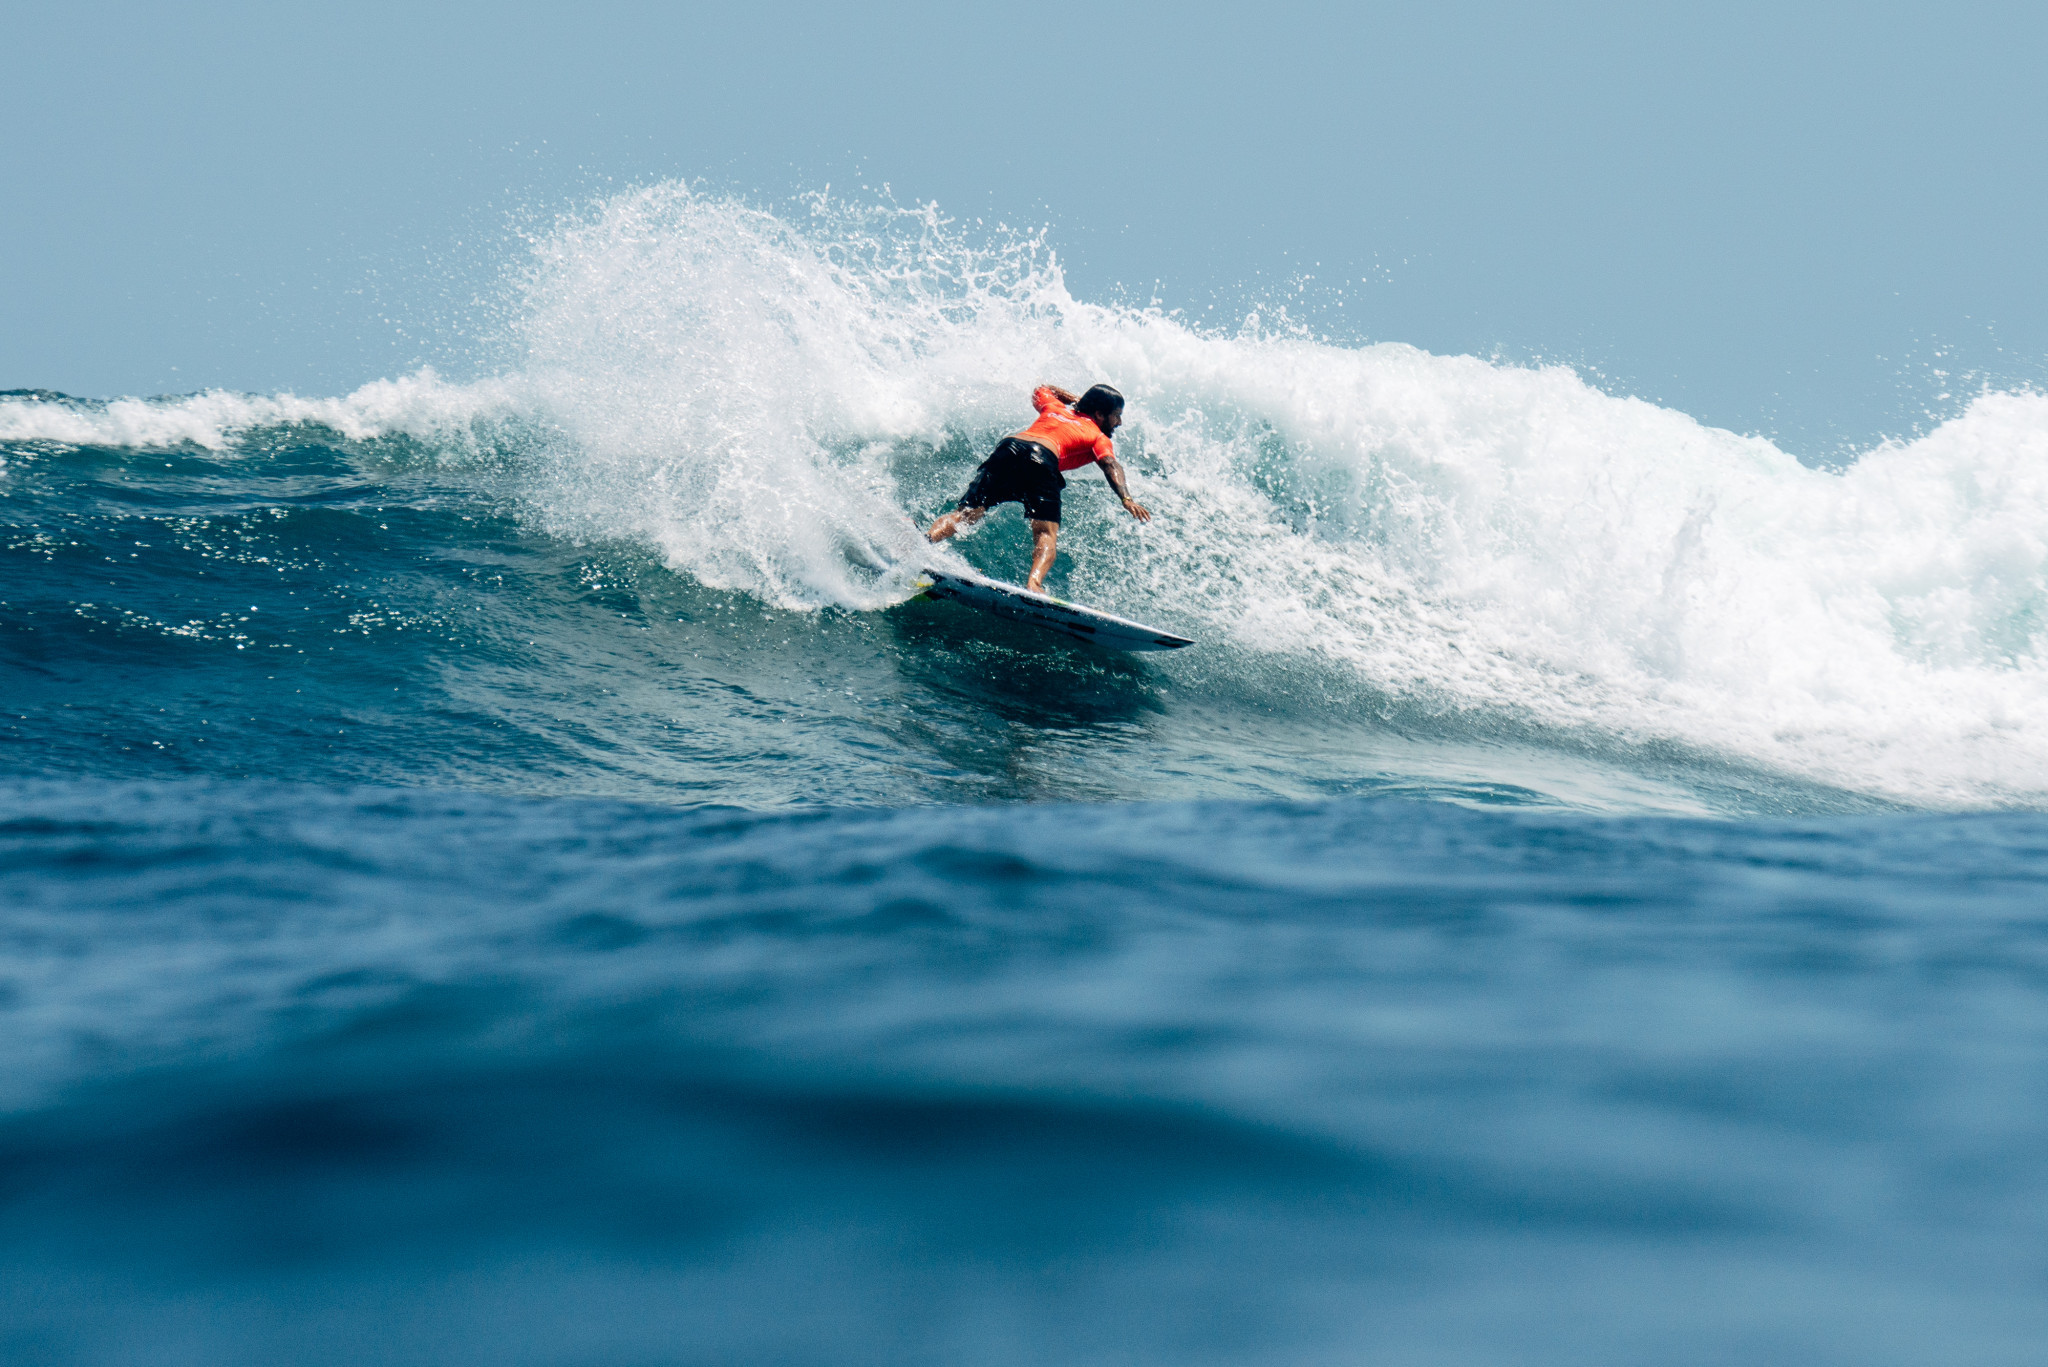 El actual campeón masculino Italo Ferreira formó parte de la delegación brasileña que se retiró de los World Surfing Games © ISA / Pablo Jimenez